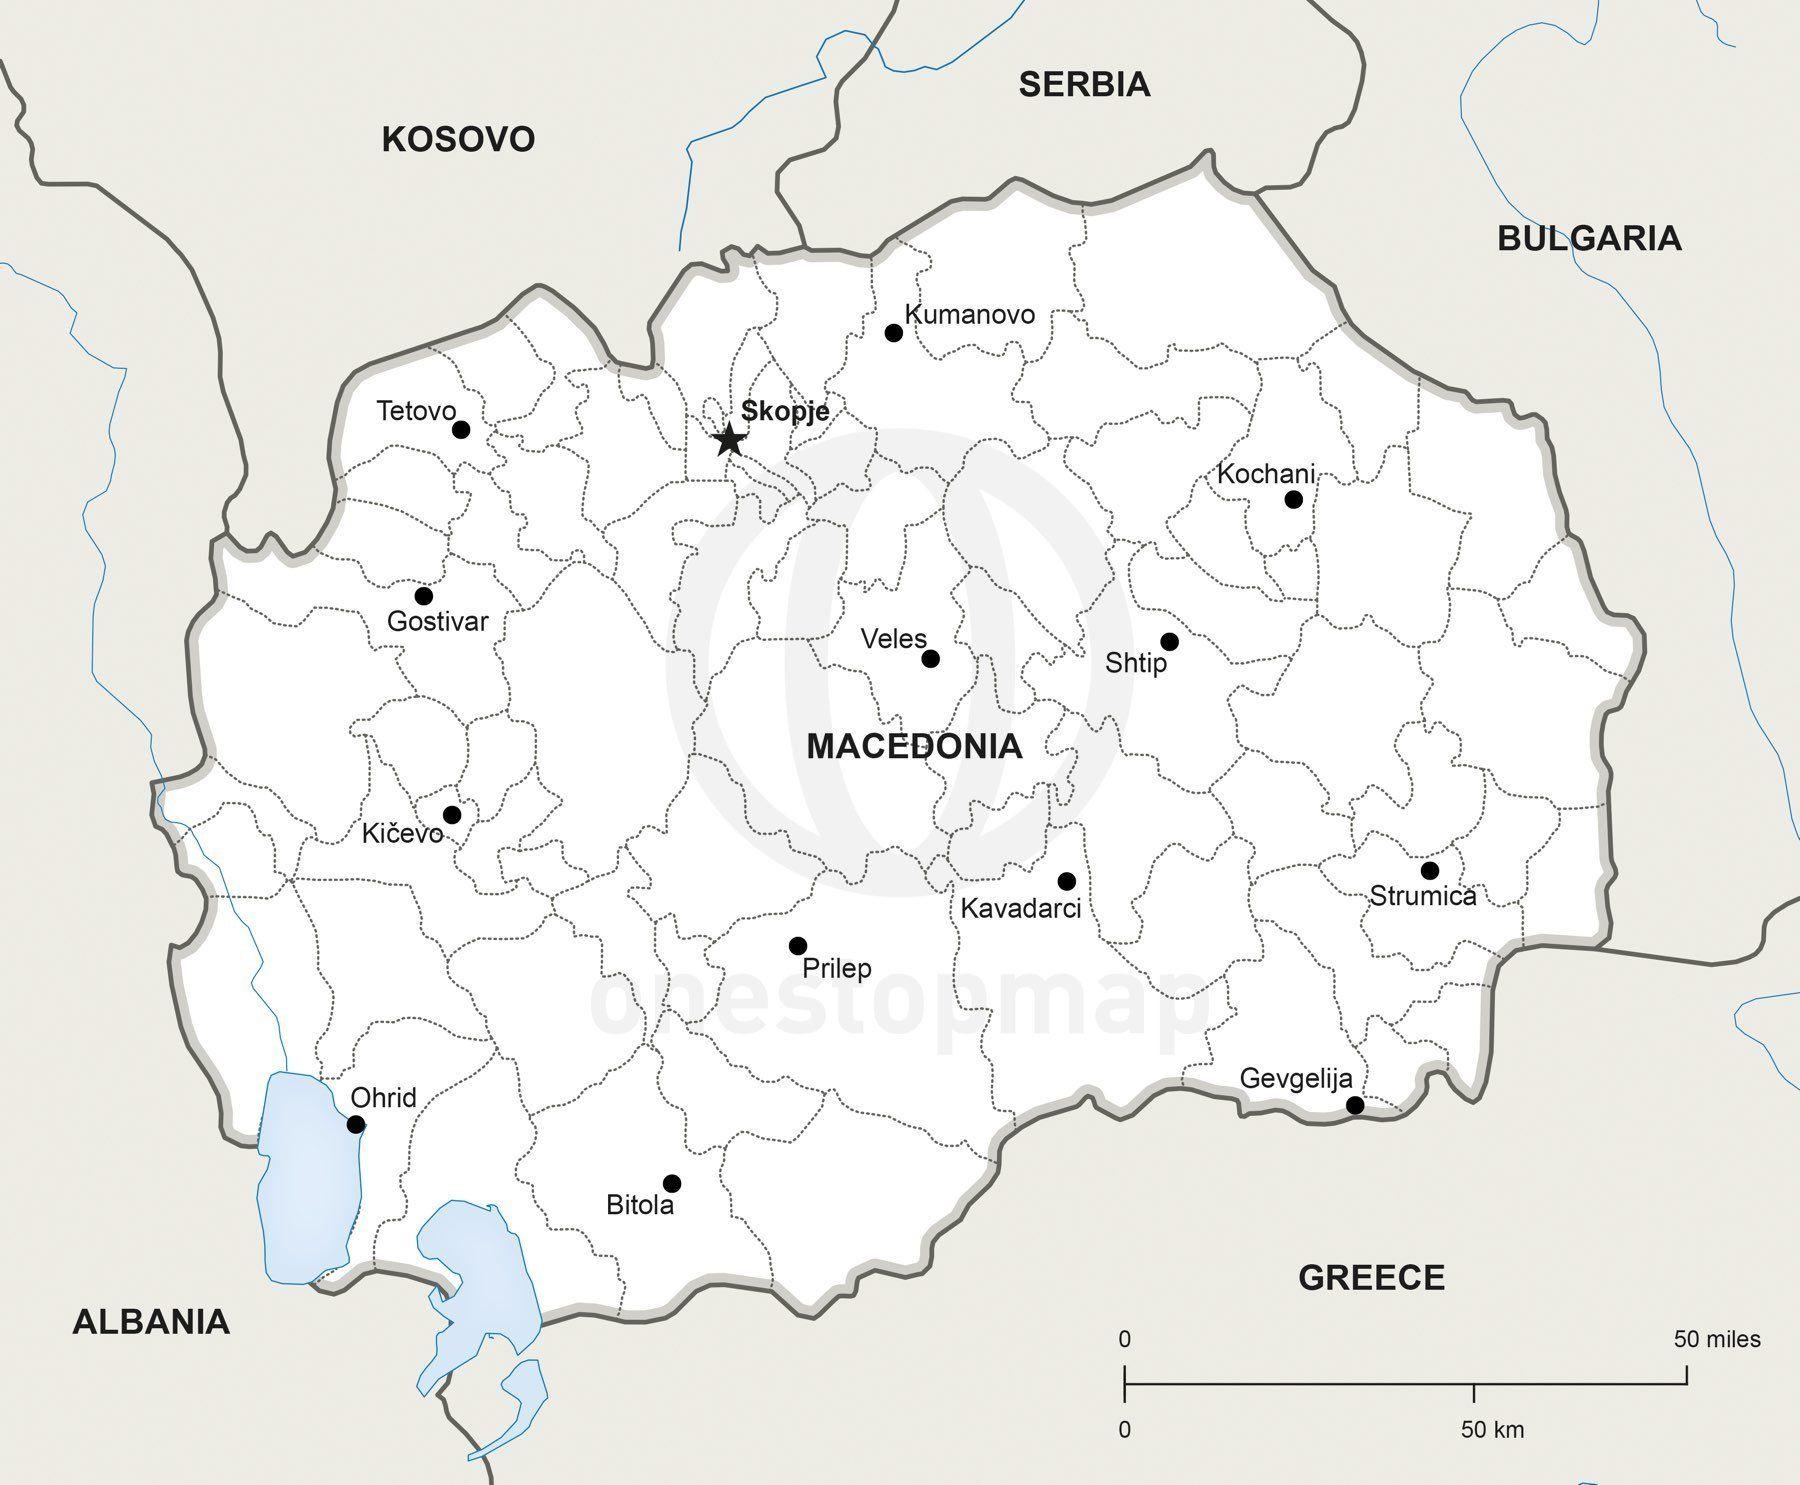 Vector map of macedonia political macedonia vector map of macedonia political one stop map publicscrutiny Choice Image